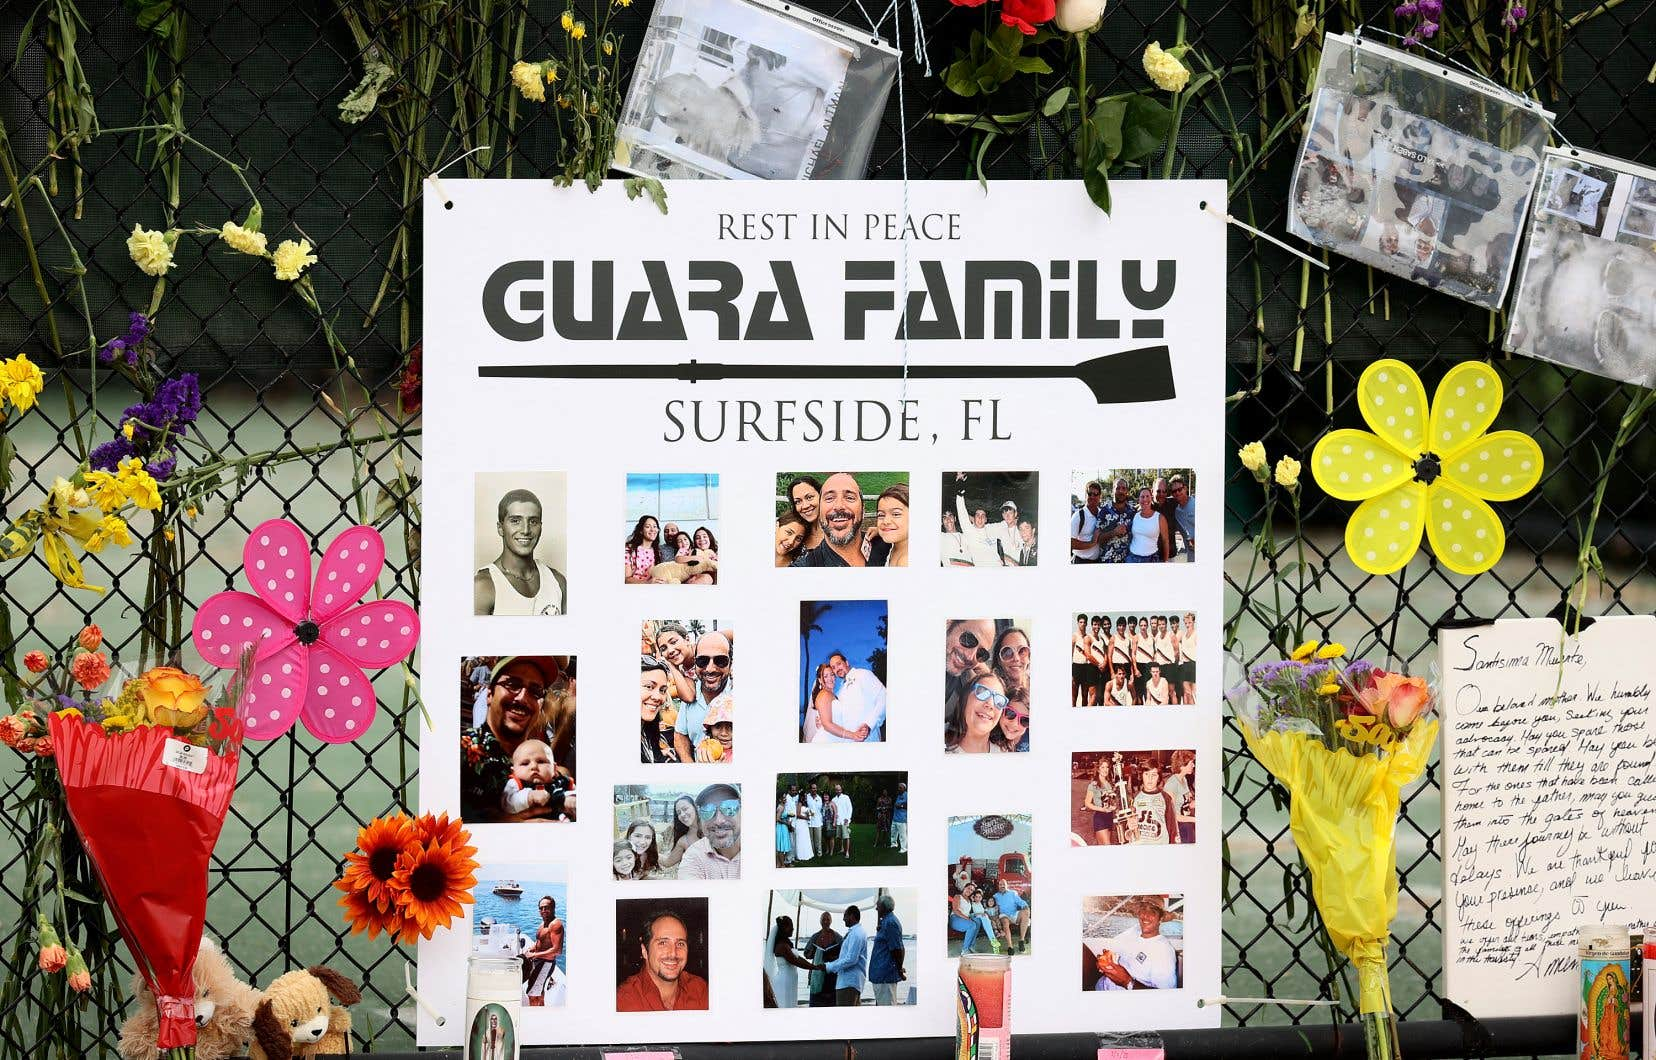 Une affiche montrant des photos de personnes disparues lors de l'effondrement est accrochée au mémorial des victimes de l'effondrement de l'immeuble en Floride.